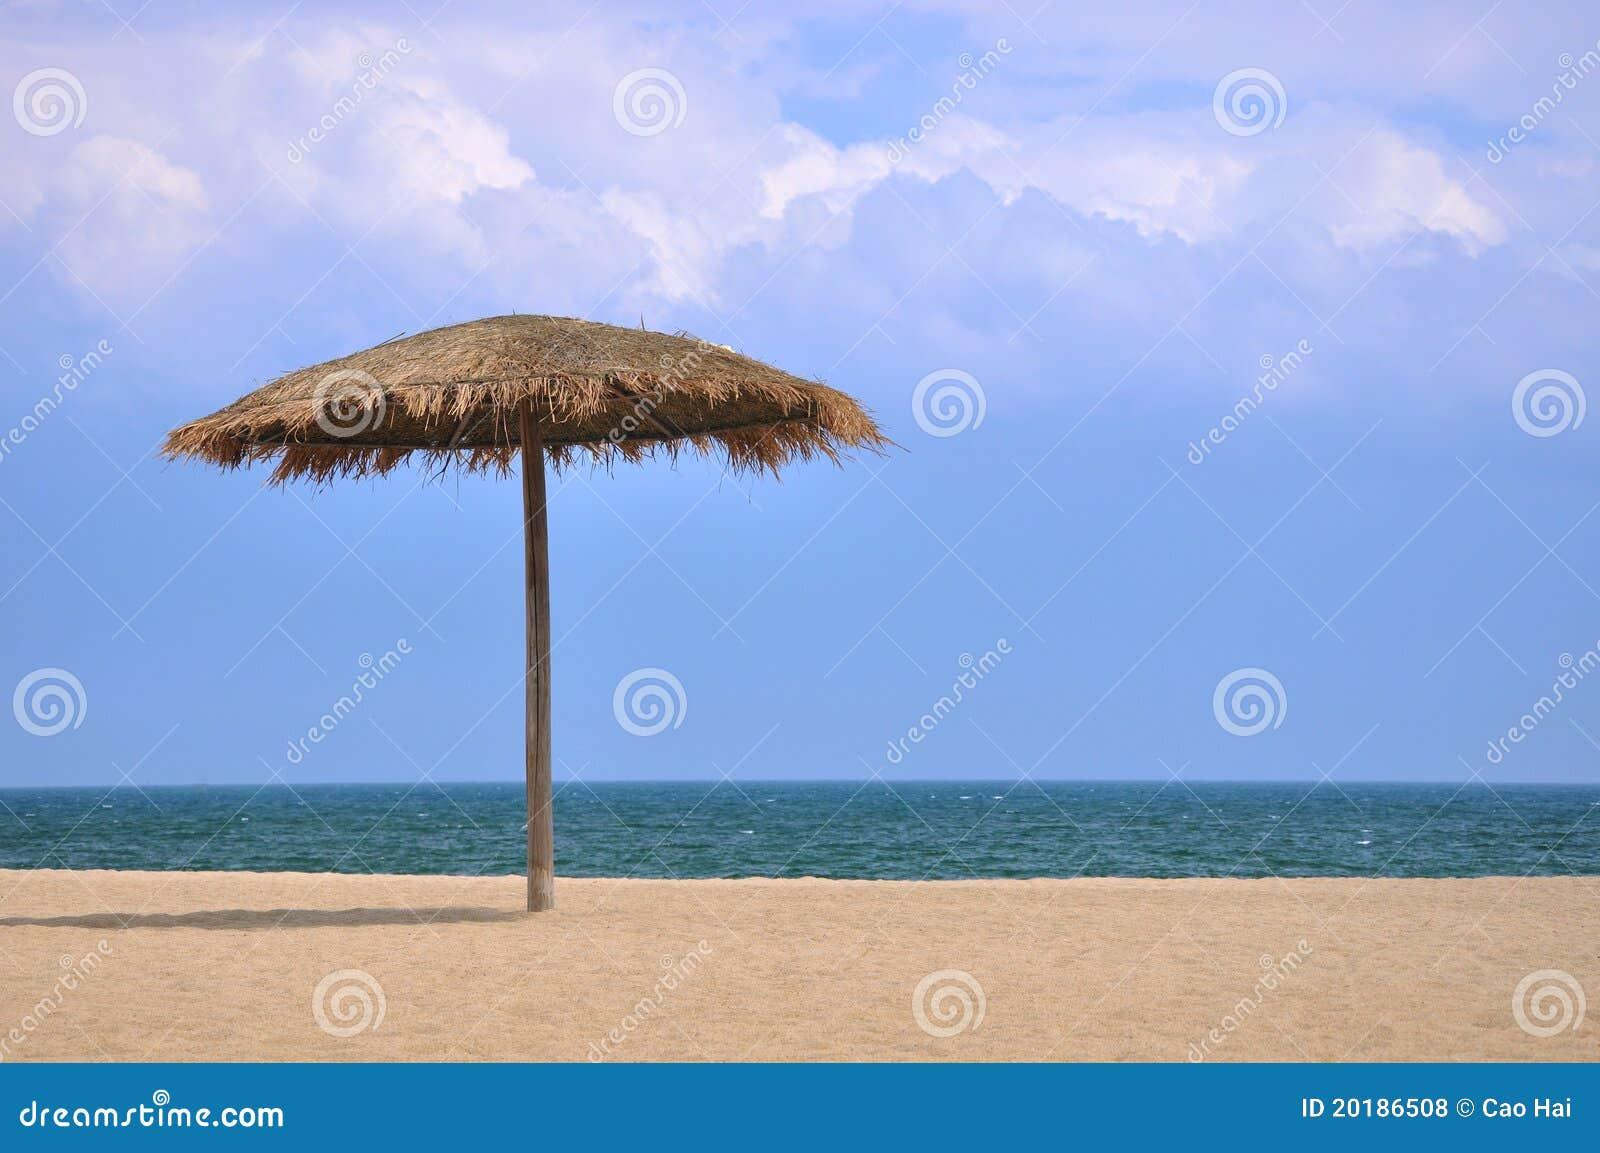 parasol sur la plage avec le ciel bleu et le nuage blanc photos libres de droits image 20186508. Black Bedroom Furniture Sets. Home Design Ideas